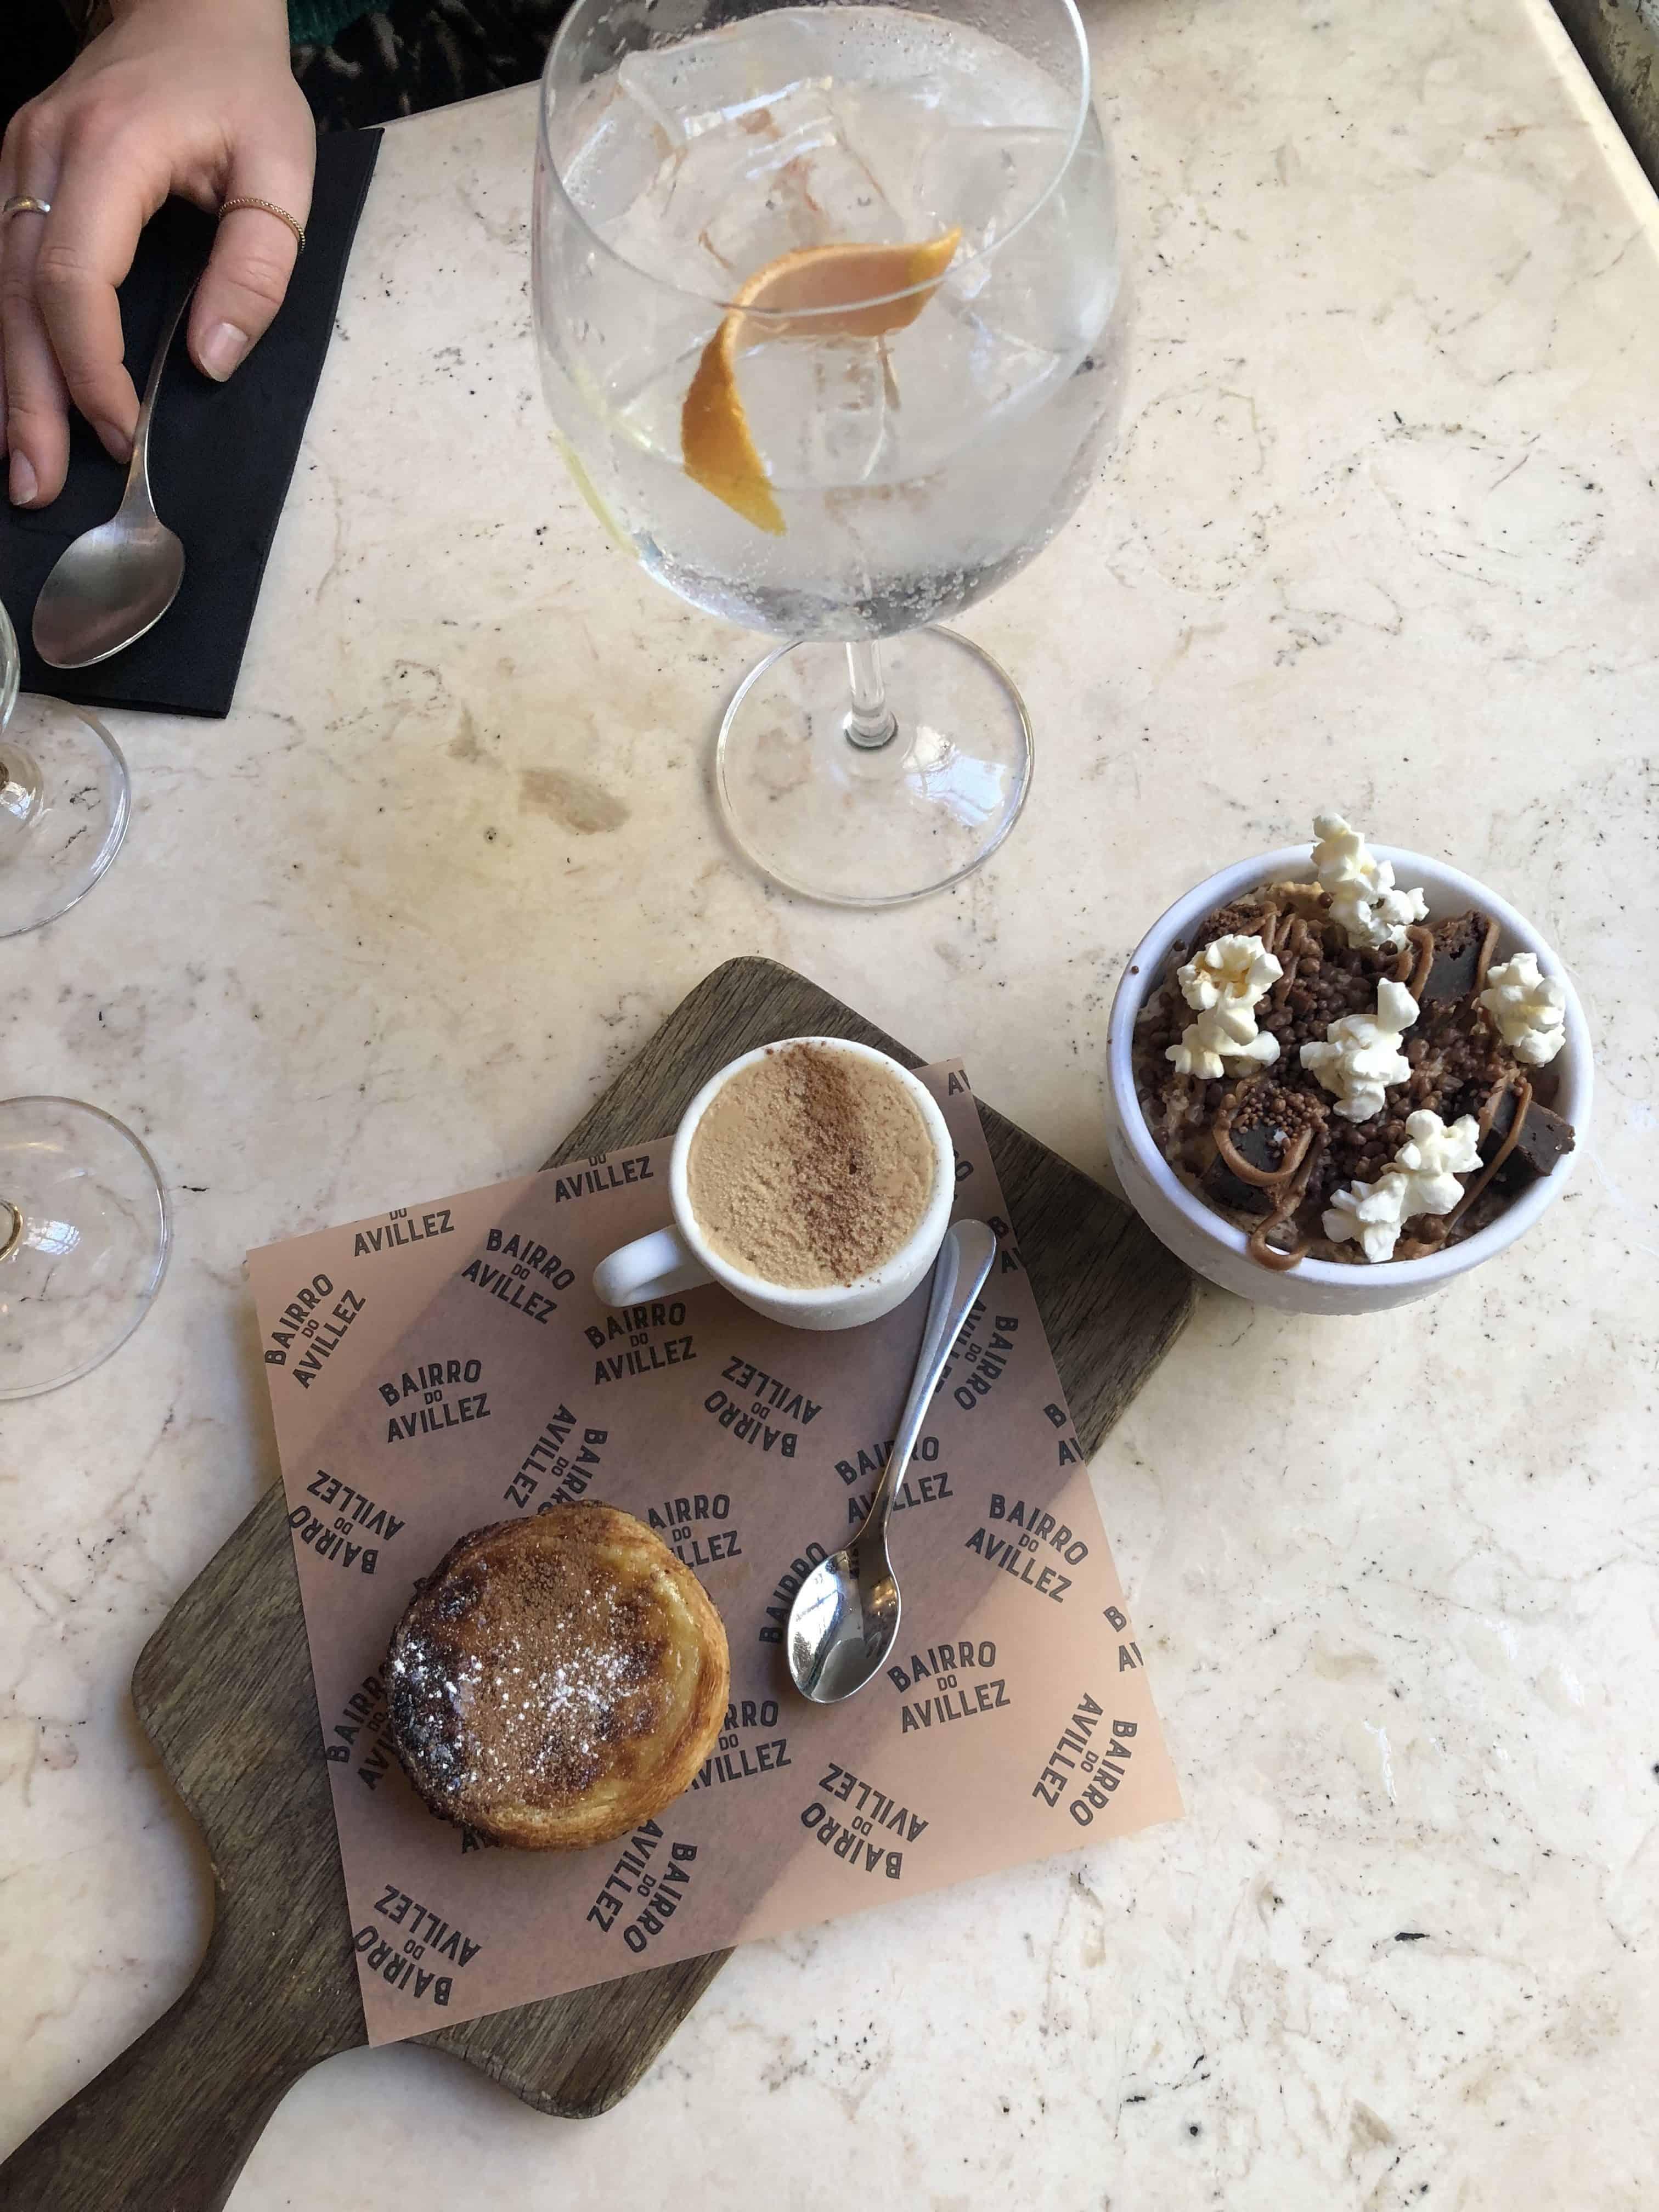 Tips Lissabon. Culinaire tips in Lissabon. Citytrip in Lissabon. Bairro do Avillez. Chef Jose Avillez. Beco Gourmet Cabaret. Taberna. Eten in Lissabon